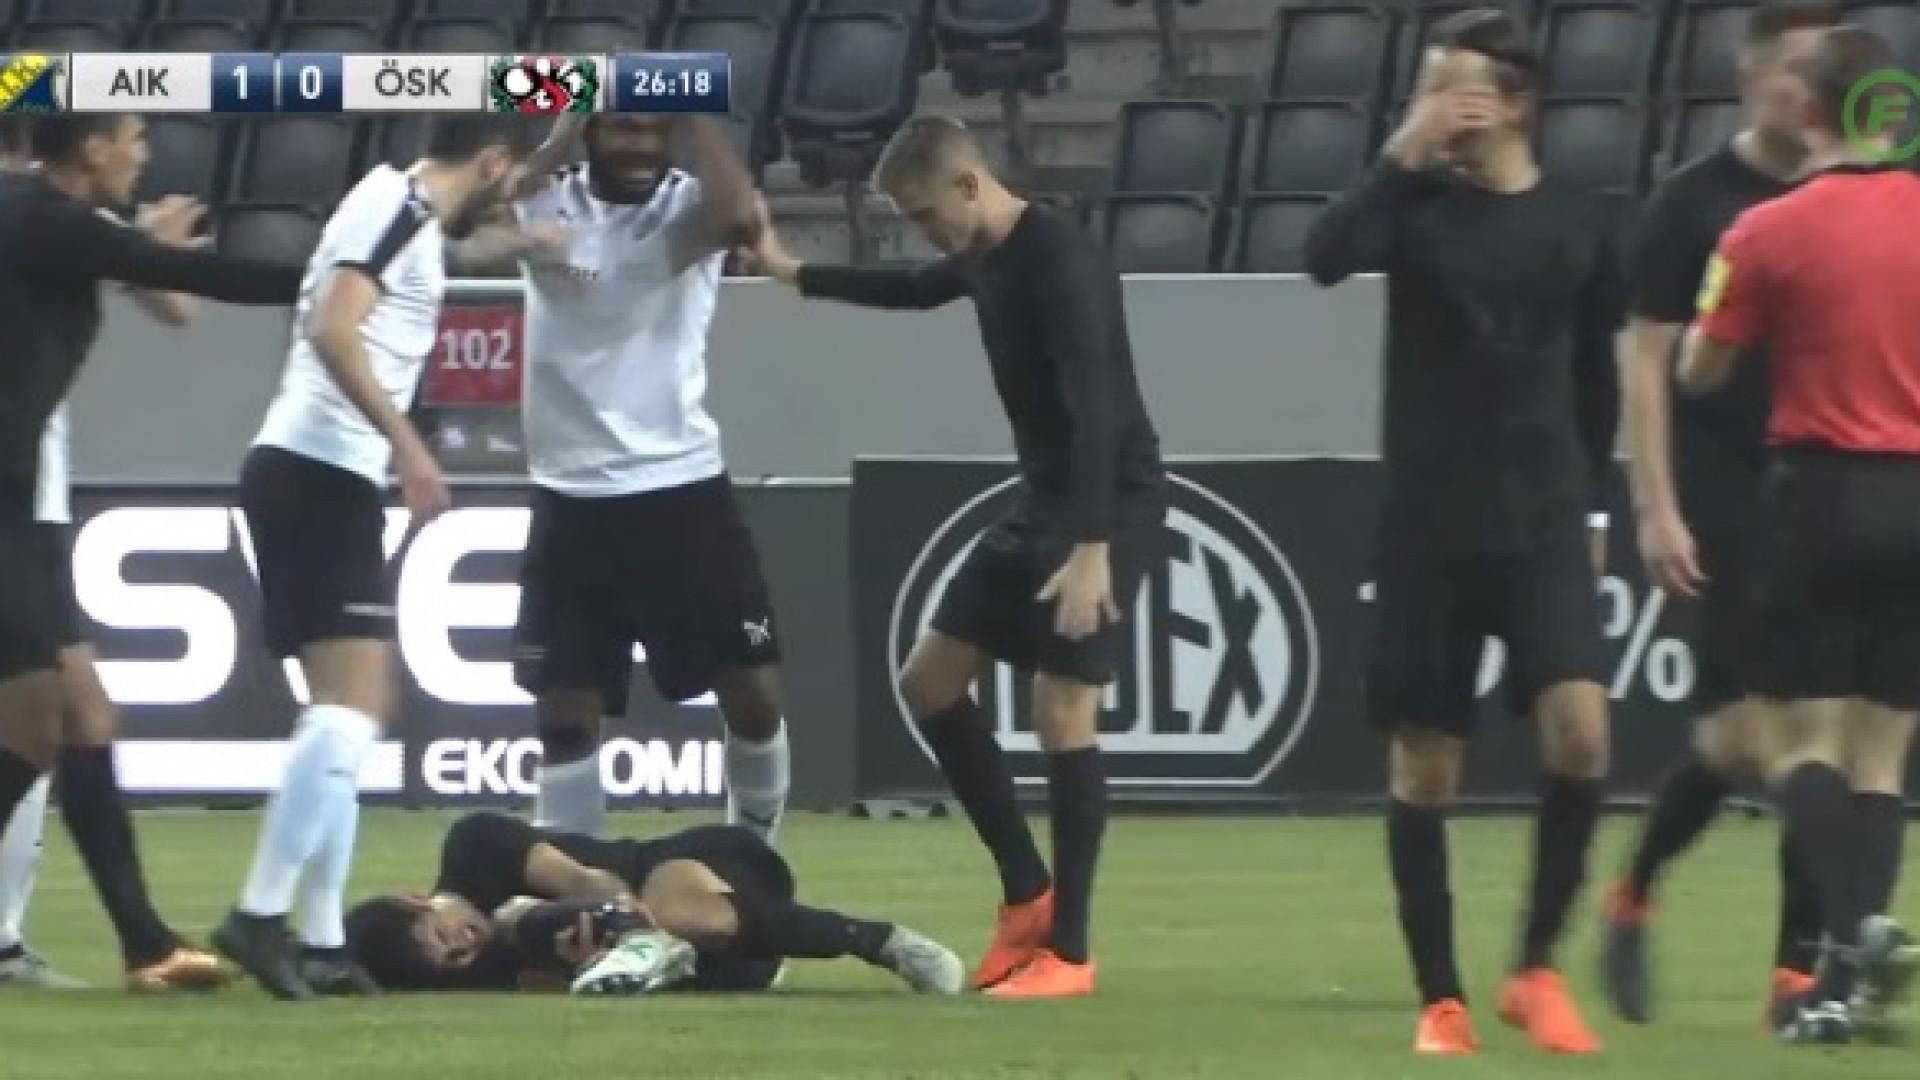 Jogador do AIK sofre lesão arrepiante. Adversário ficou desesperado